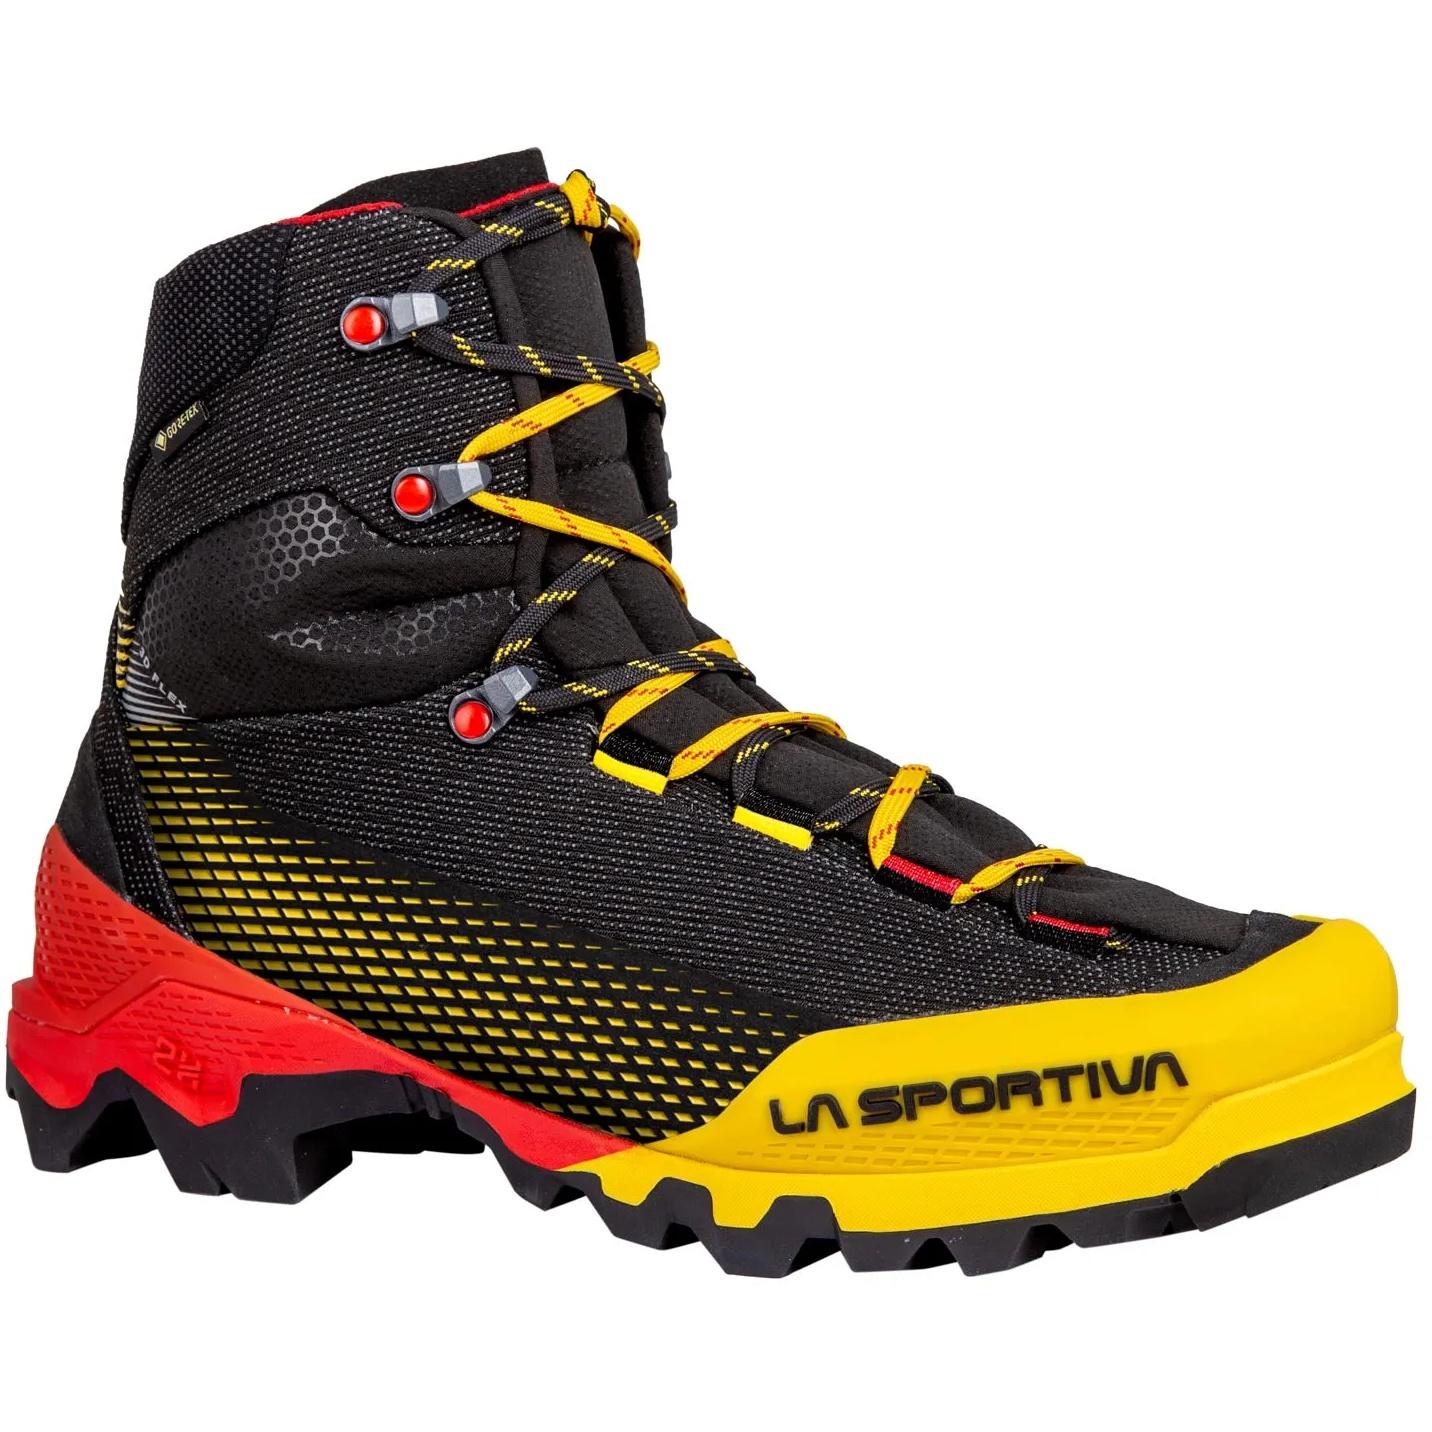 La Sportiva Aequilibrium ST GTX Mountaineering Schuhe - Schwarz/Gelb